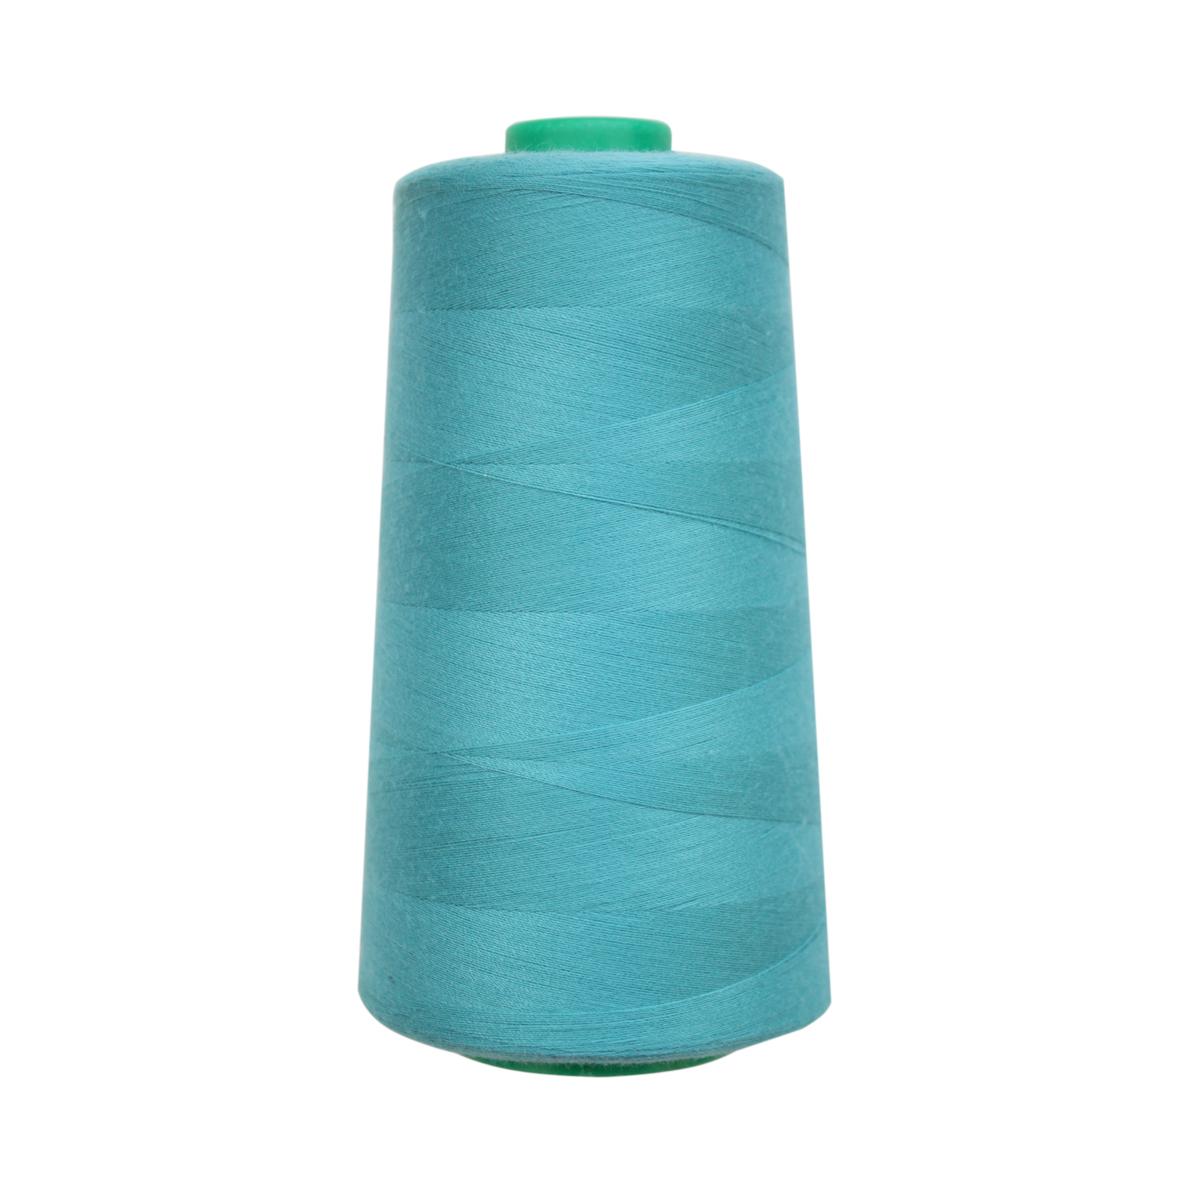 Нитки для шитья Bestex 50/2, 5000 ярд, цвет: морская.волна (364)7700936-364Сфера использования: трикотаж; ткани малого веса; оверлочные швы; отделка краев; вышивка. Размер игл №70-80